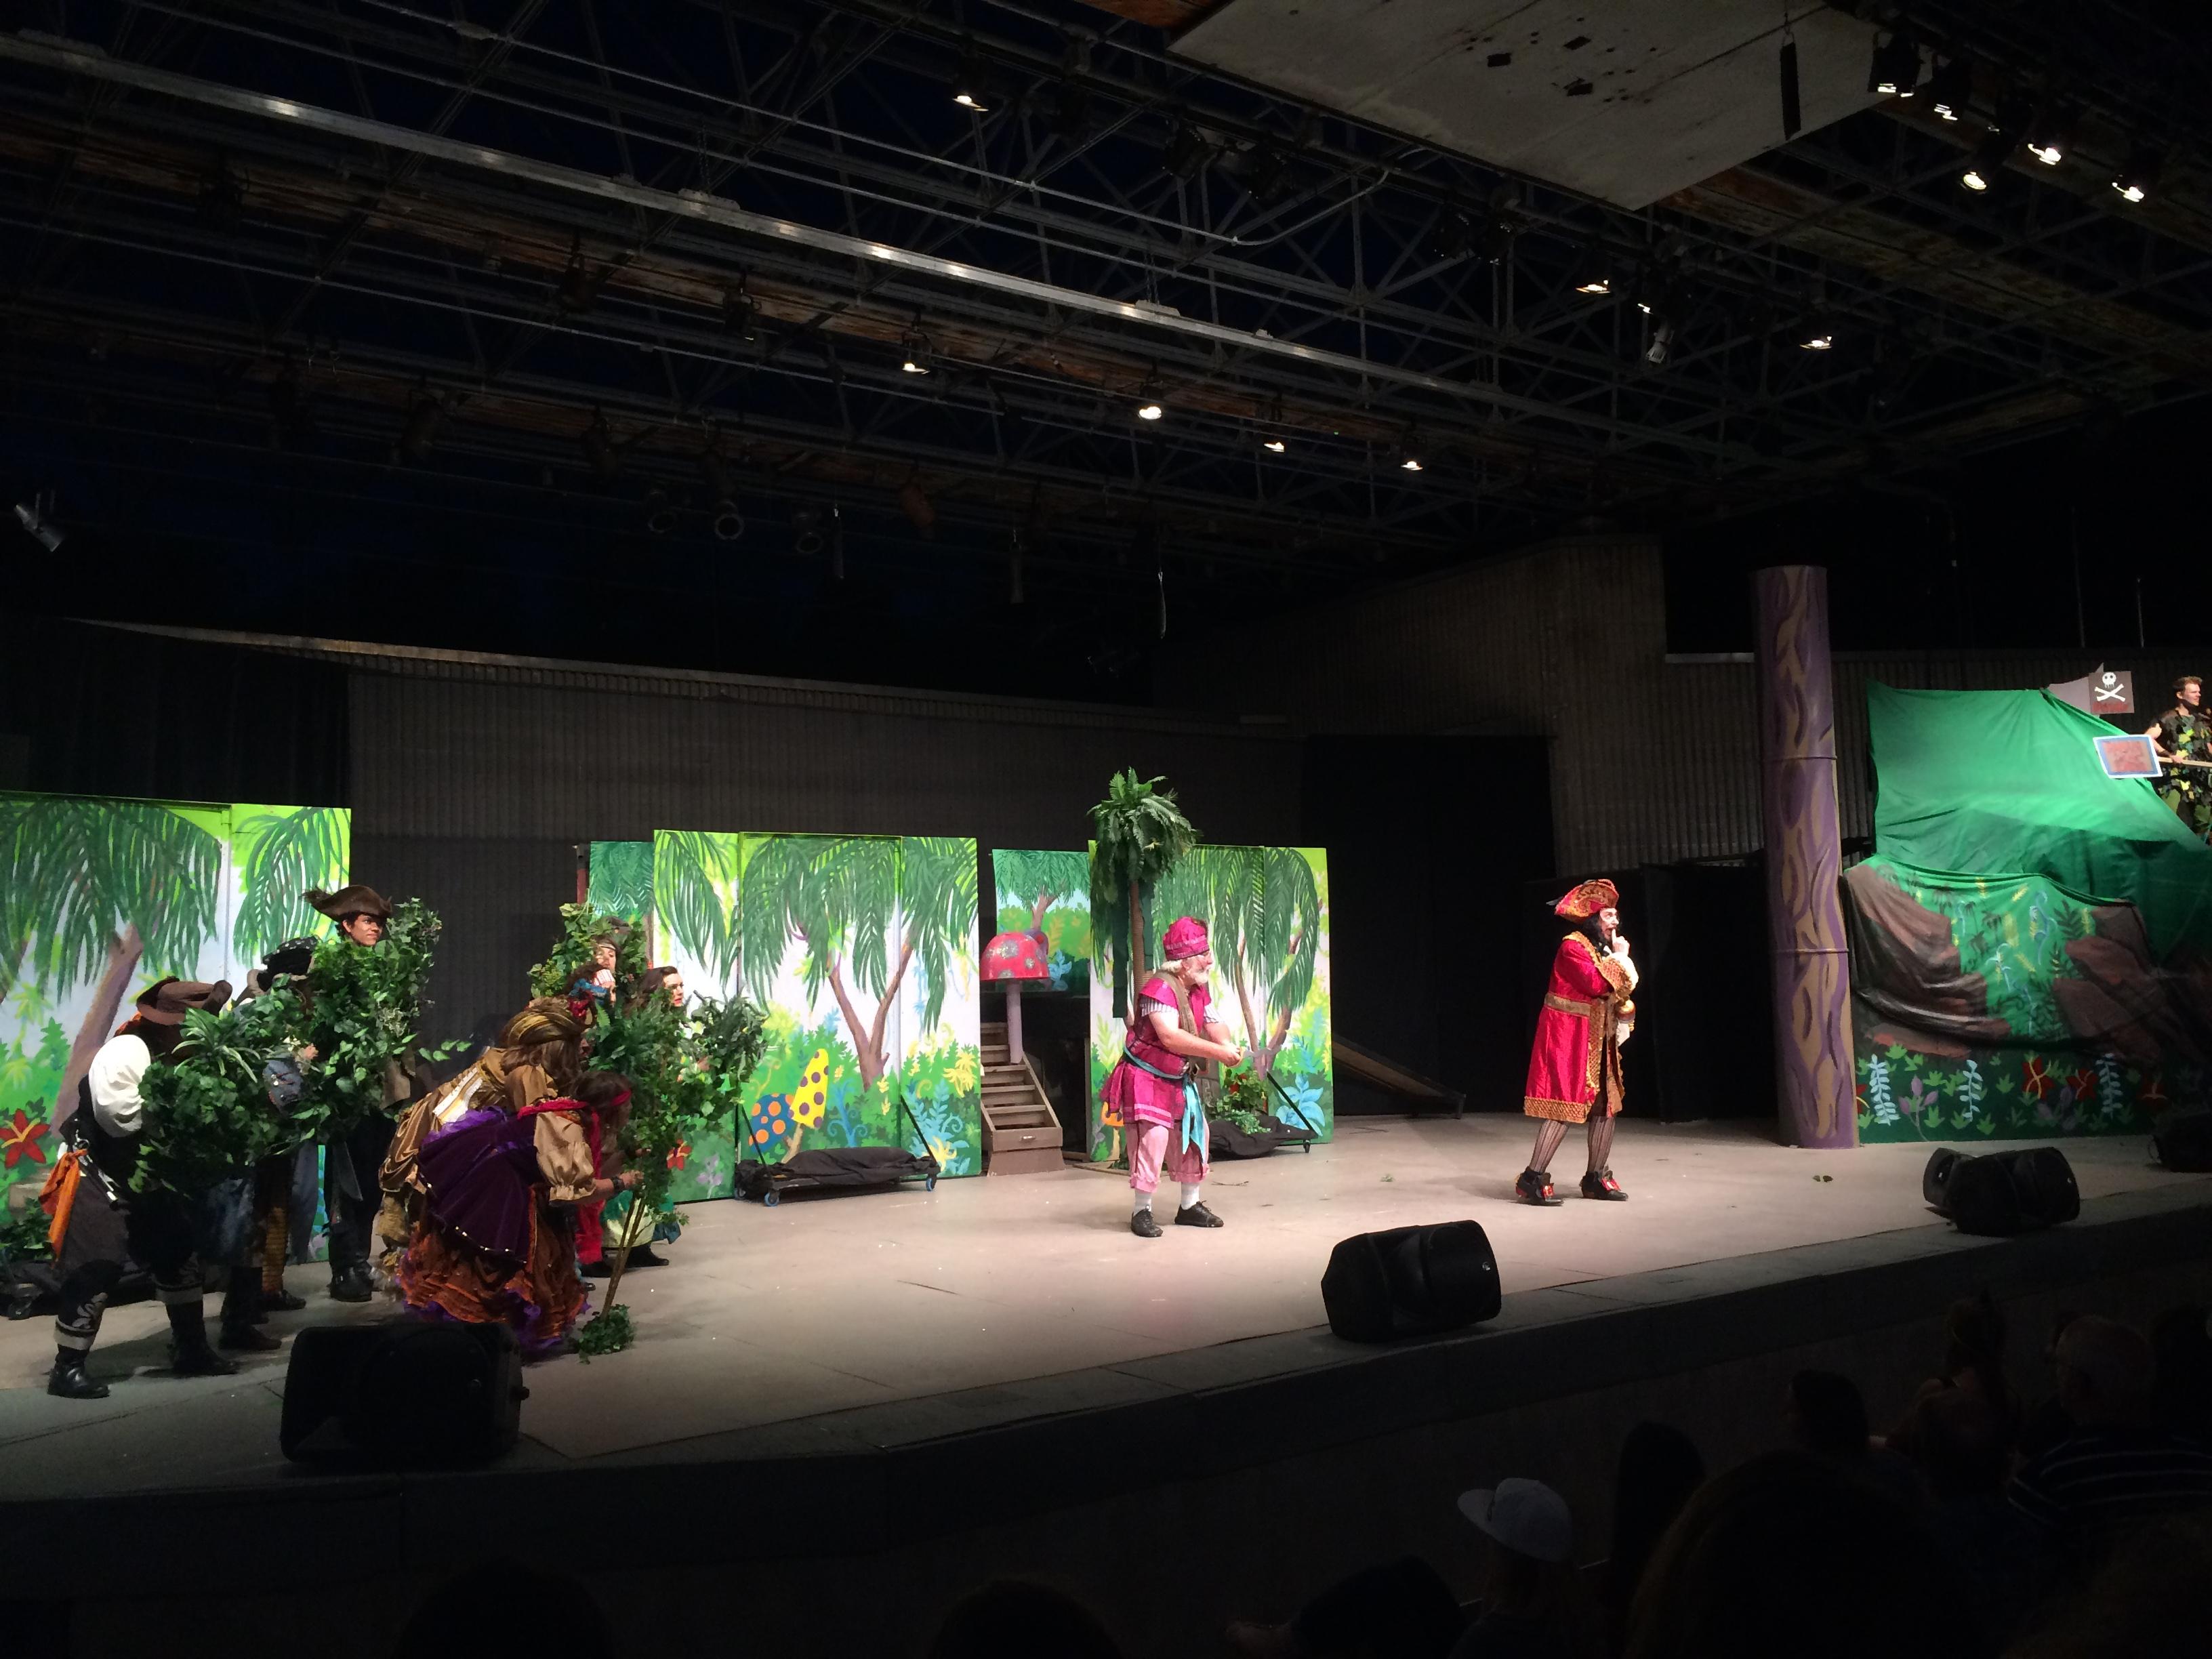 Peter Pan June 25, 2015